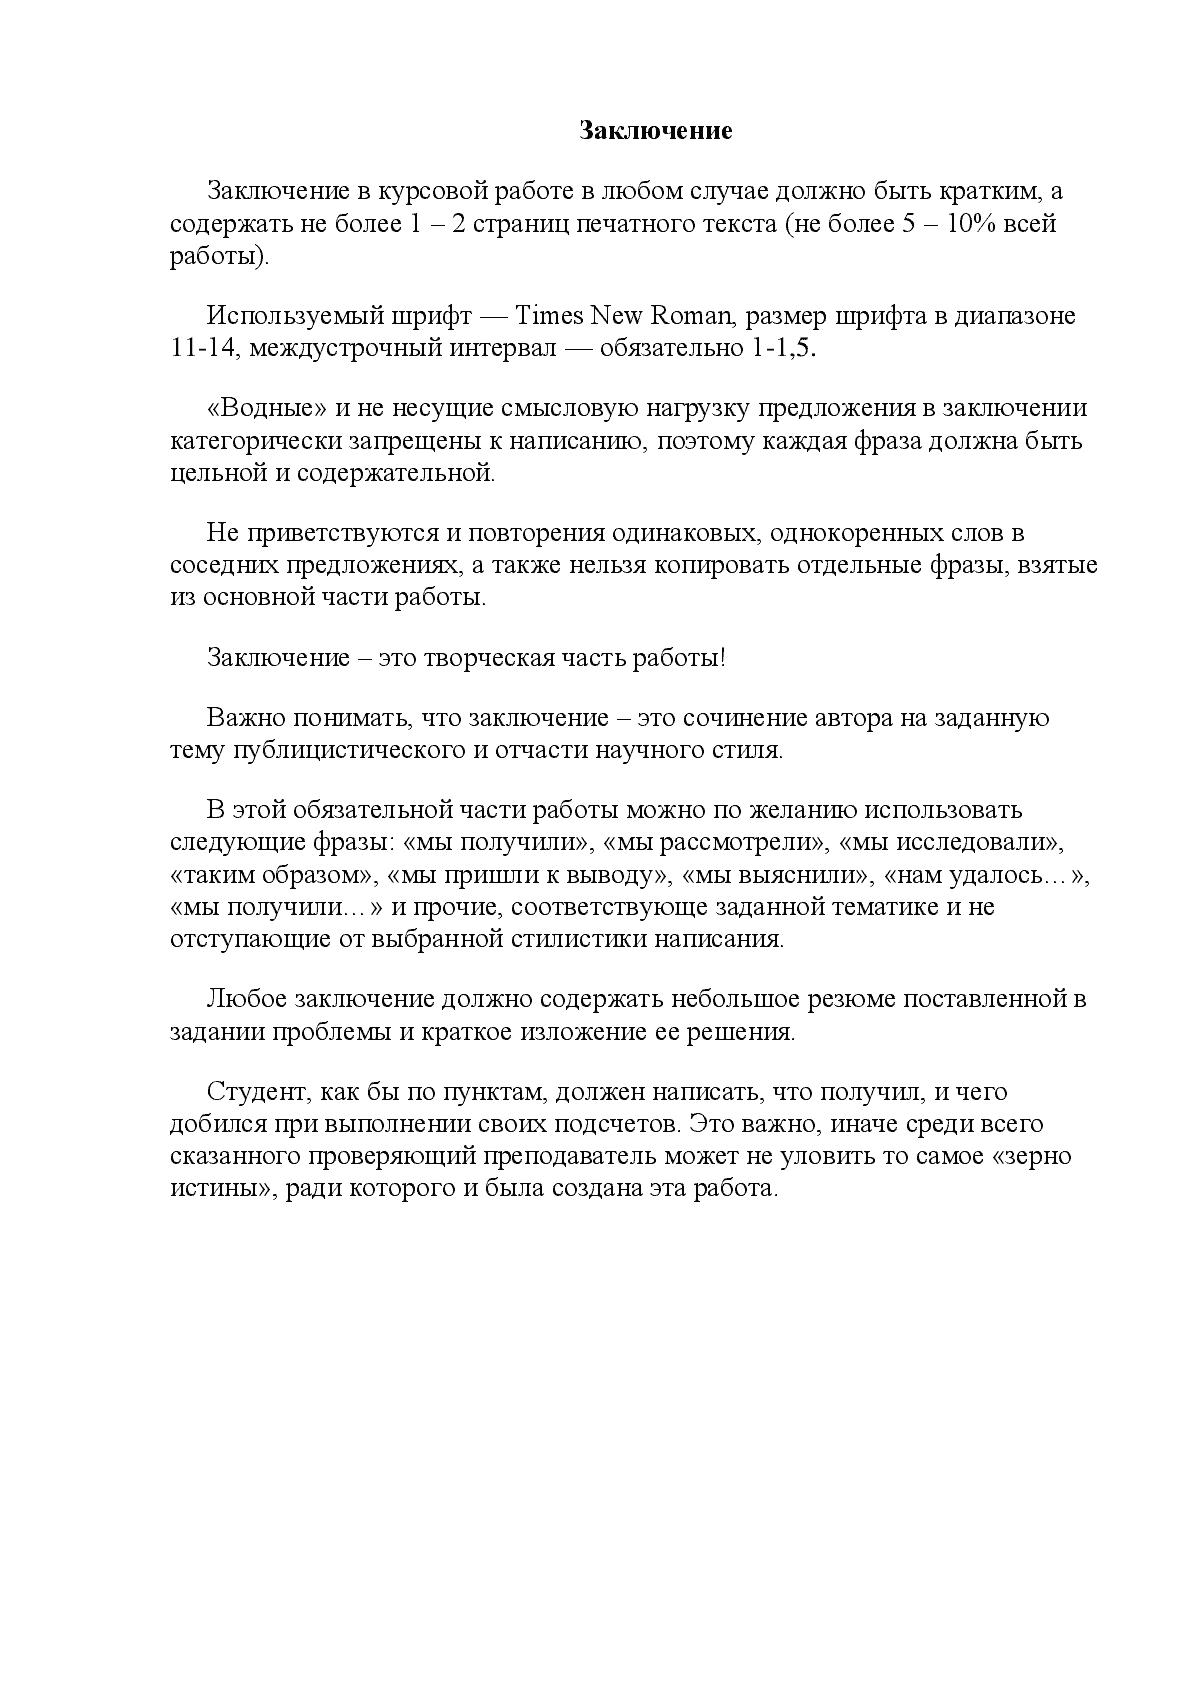 Написать заключение курсовой работы 8546